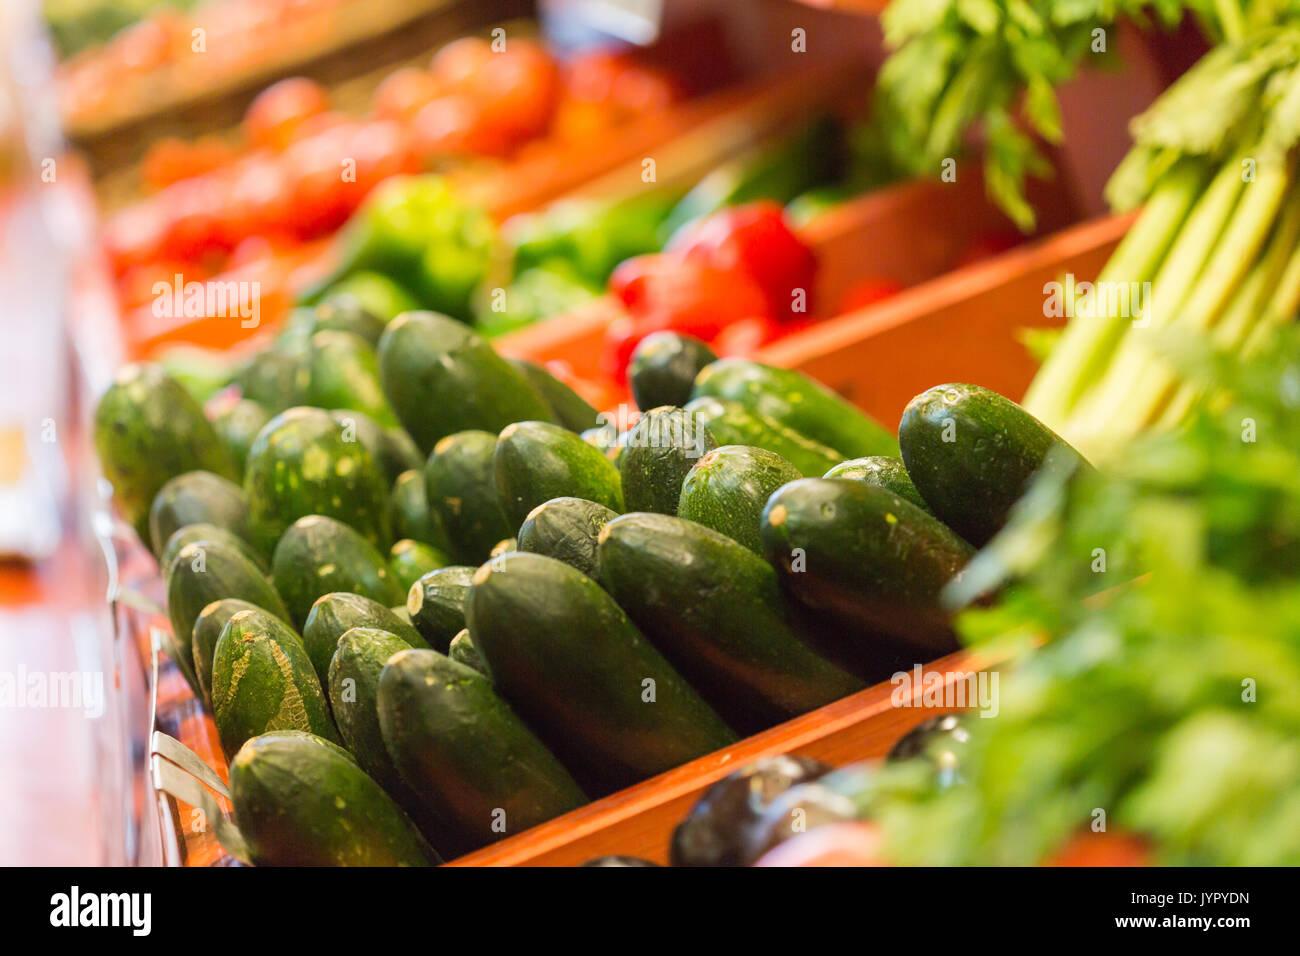 Viele Zucchini an einem Marktstand. Diese sind grünes Gemüse und sehr gut für die Gesundheit. Stockbild